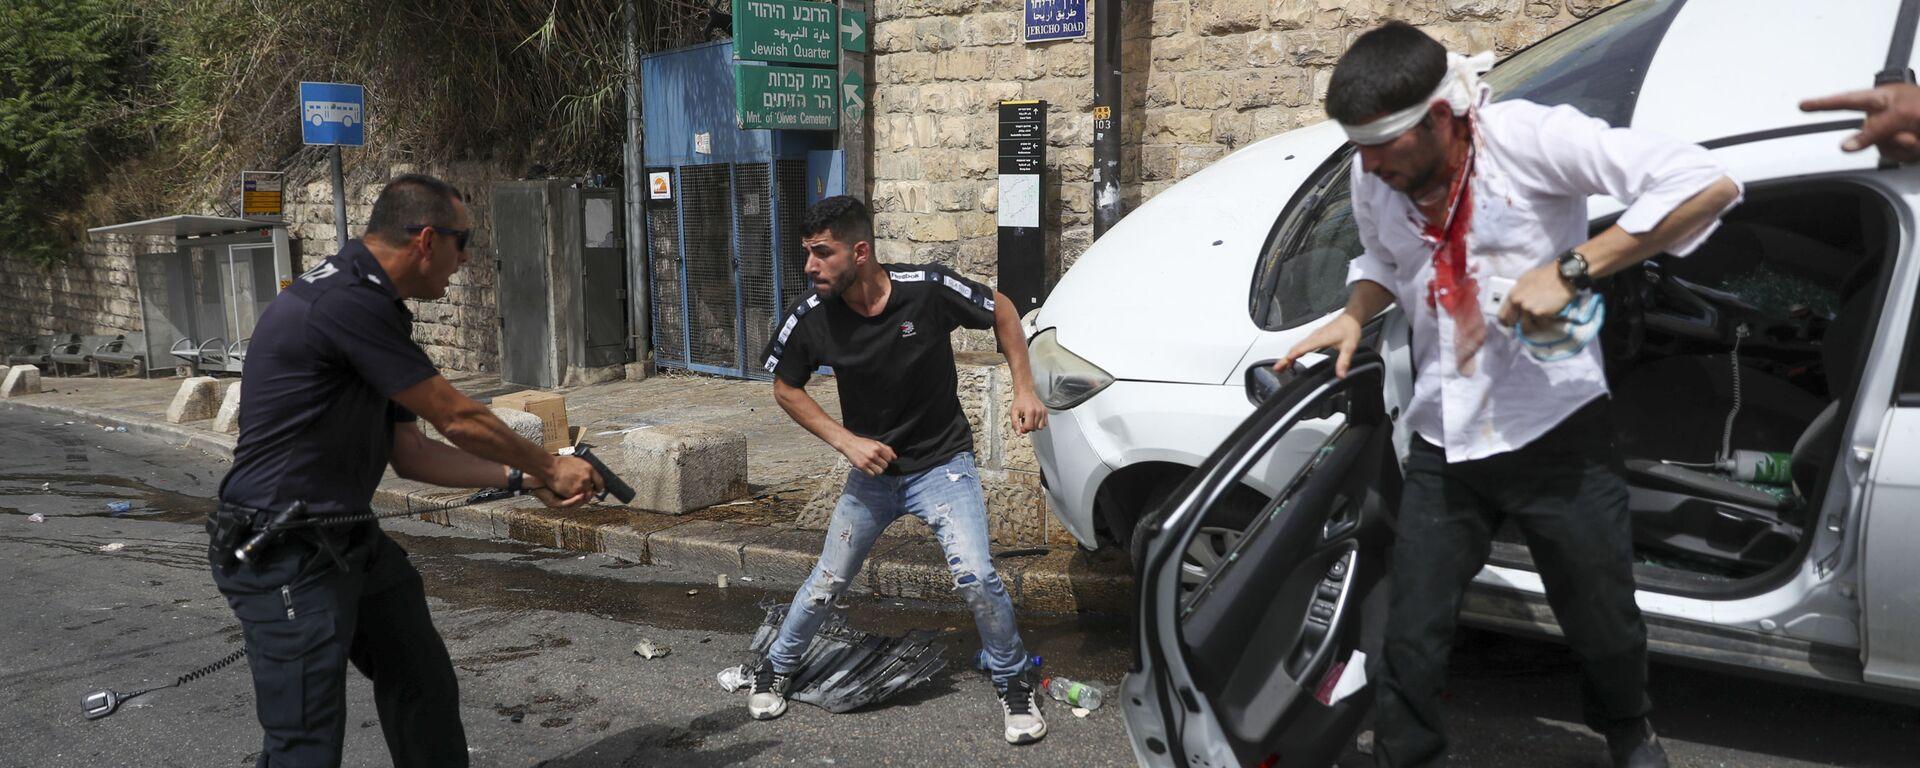 Столкновения палестинцев с израильскими силами безопасности в Старом городе Иерусалима - Sputnik Česká republika, 1920, 10.05.2021